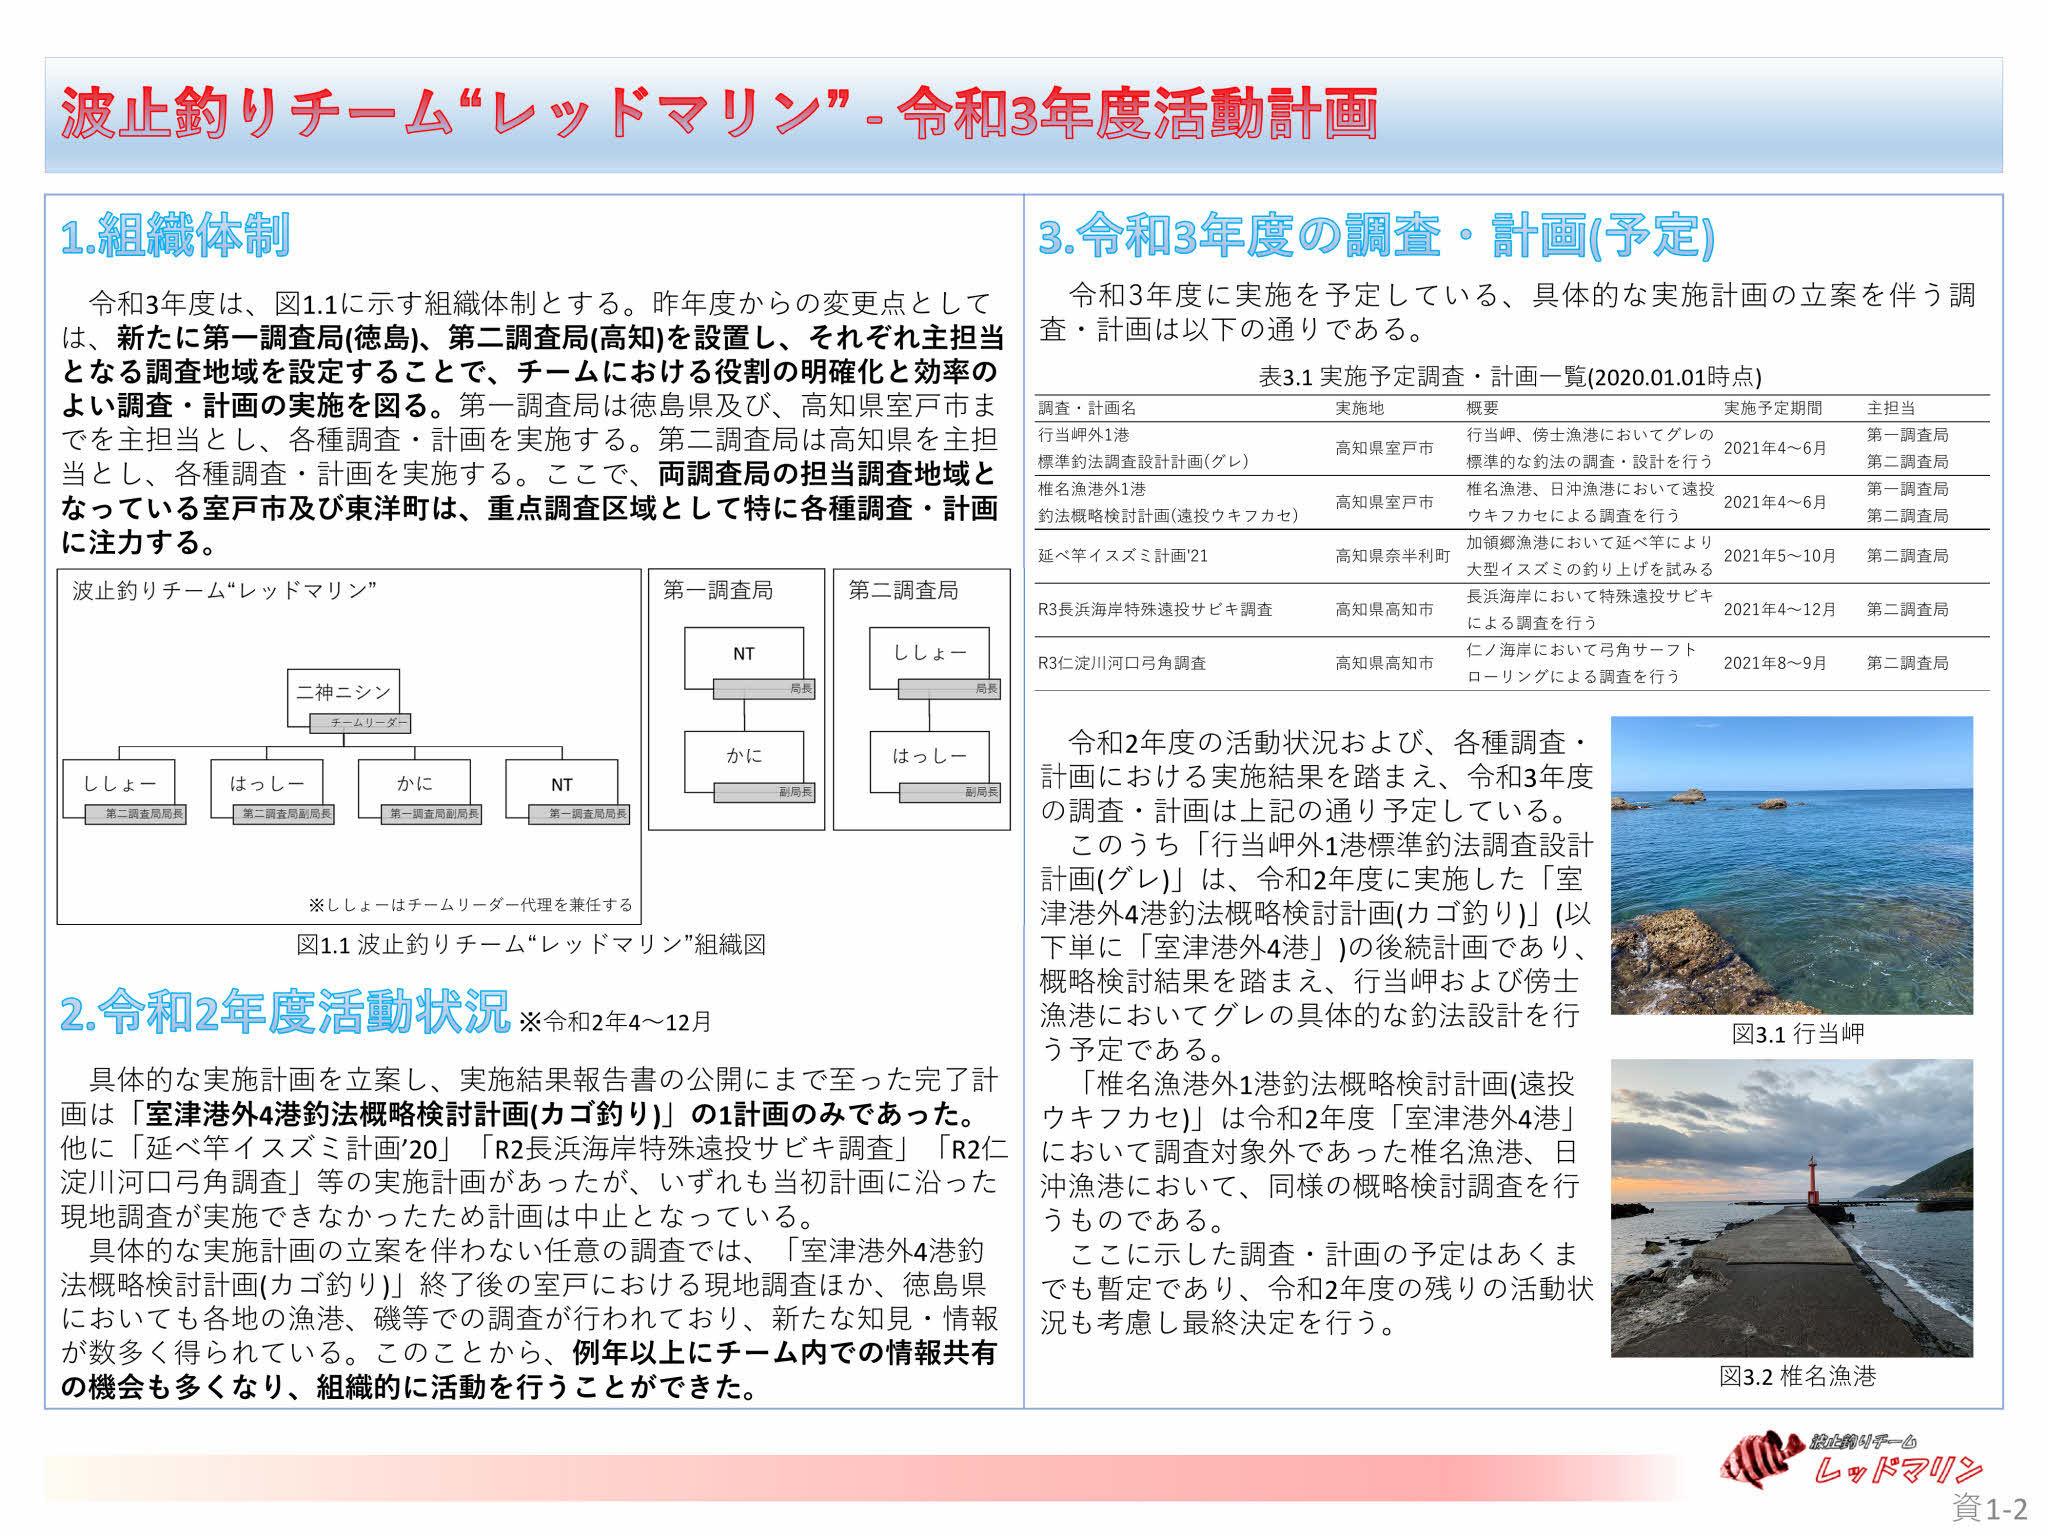 令和3年度活動計画_page003